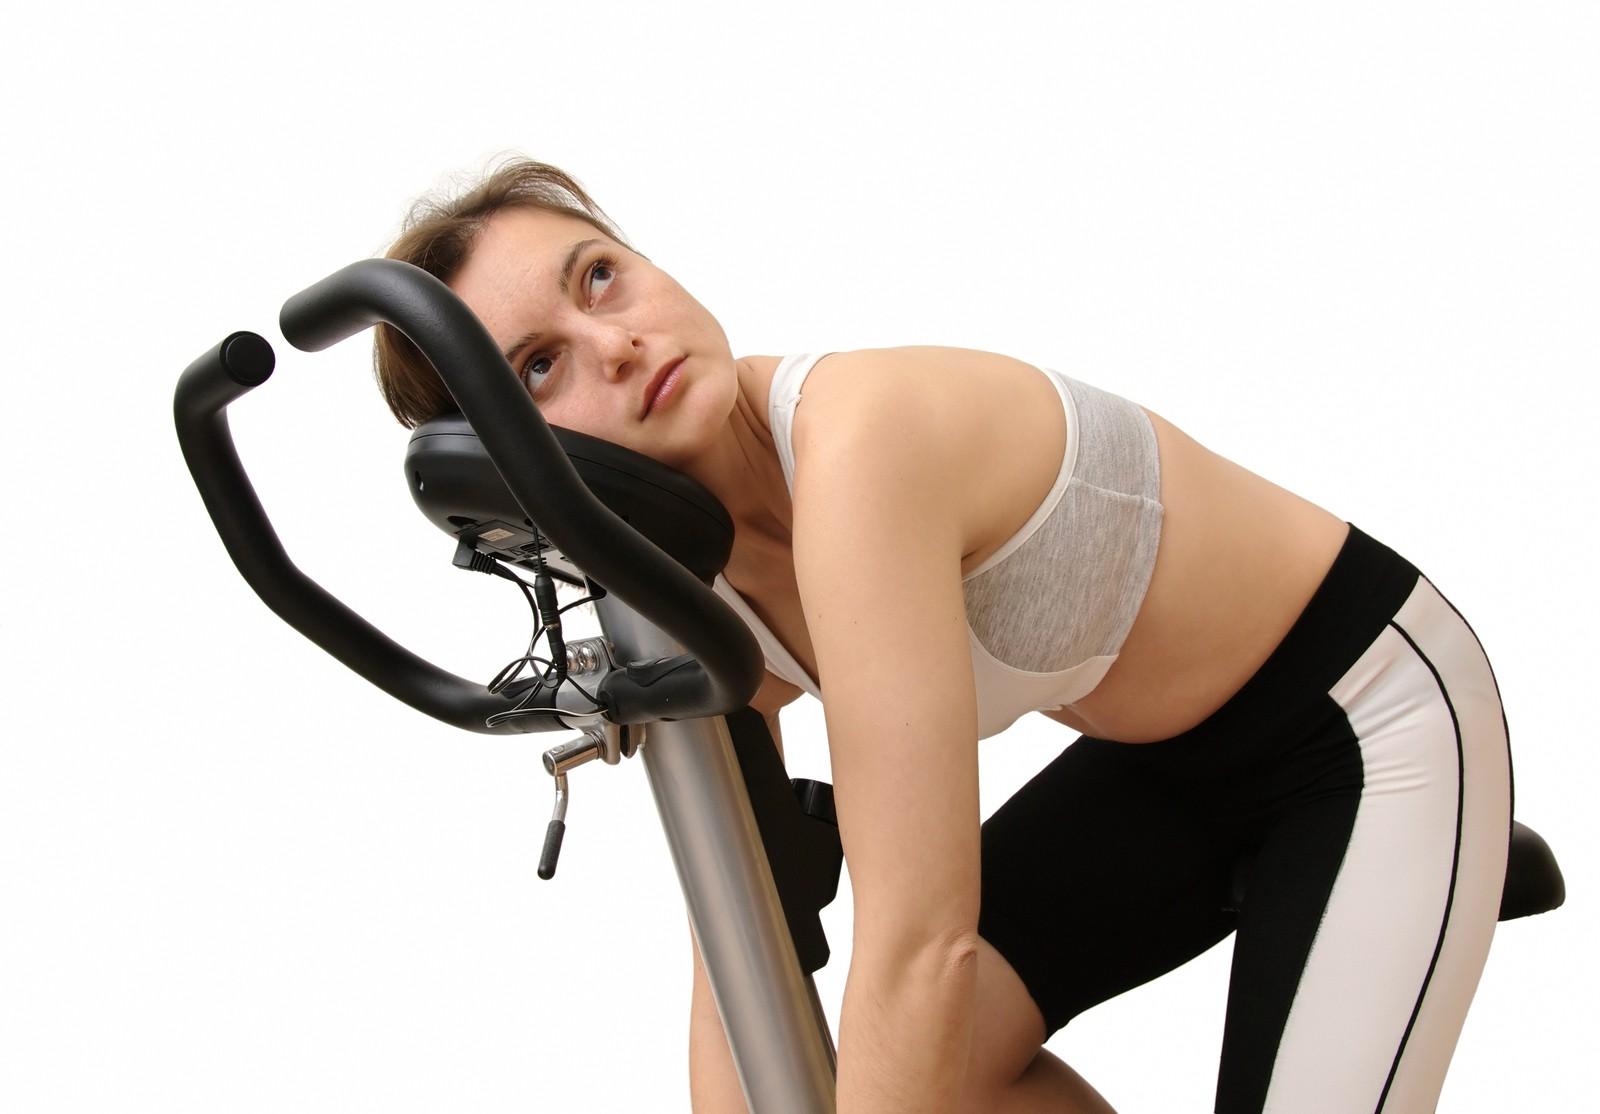 5 دلیل برای اینکه ورزش کردنتان مفید واقع نمی شود